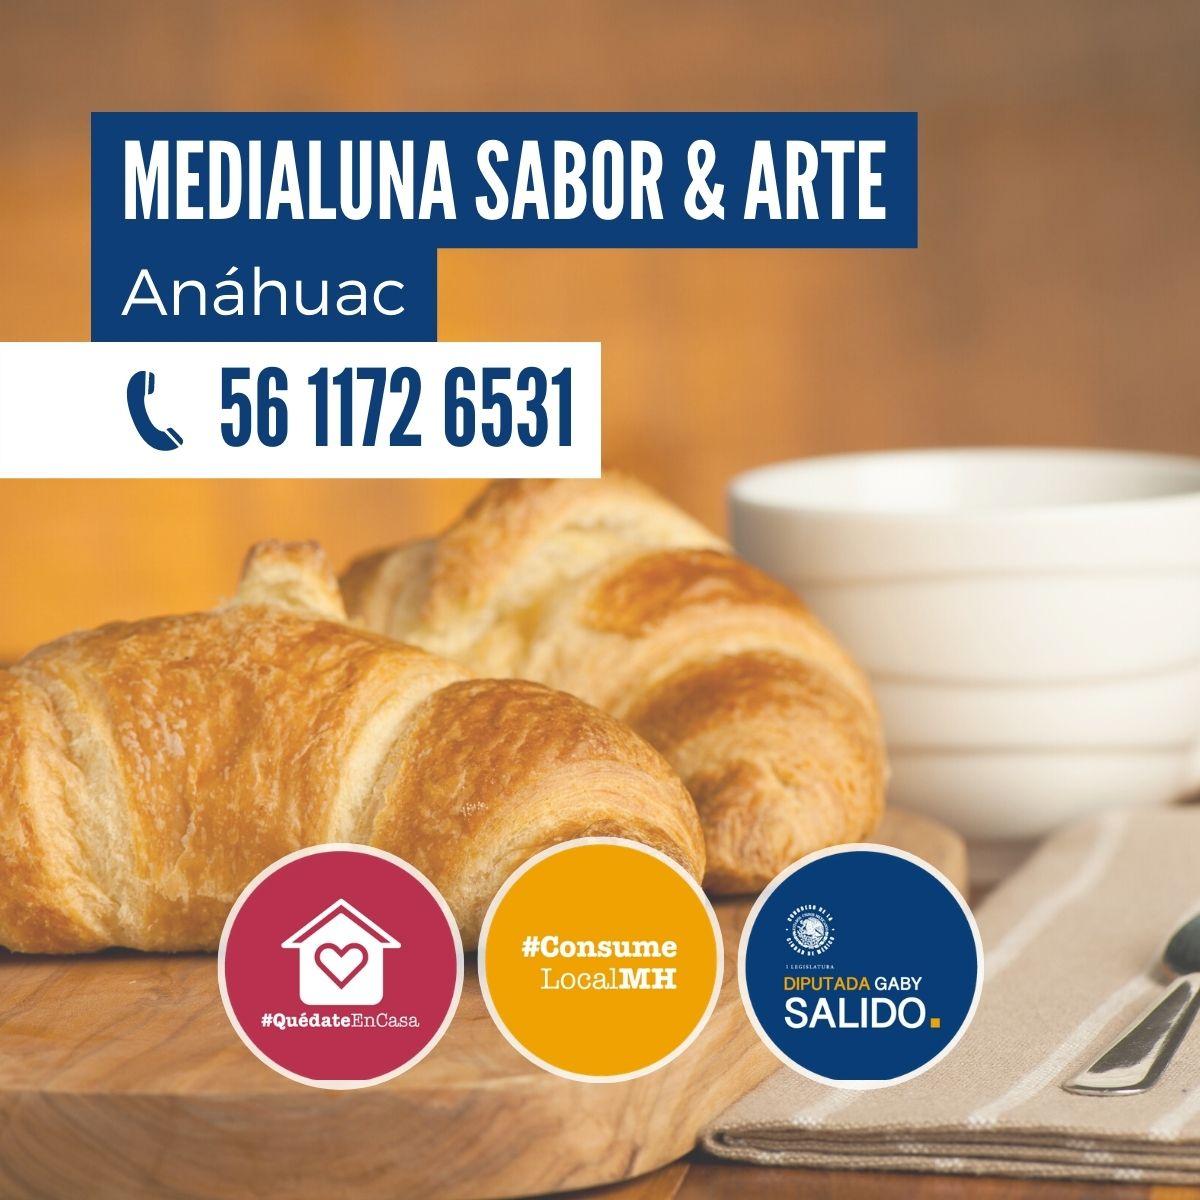 MediaLuna Sabor & Arte